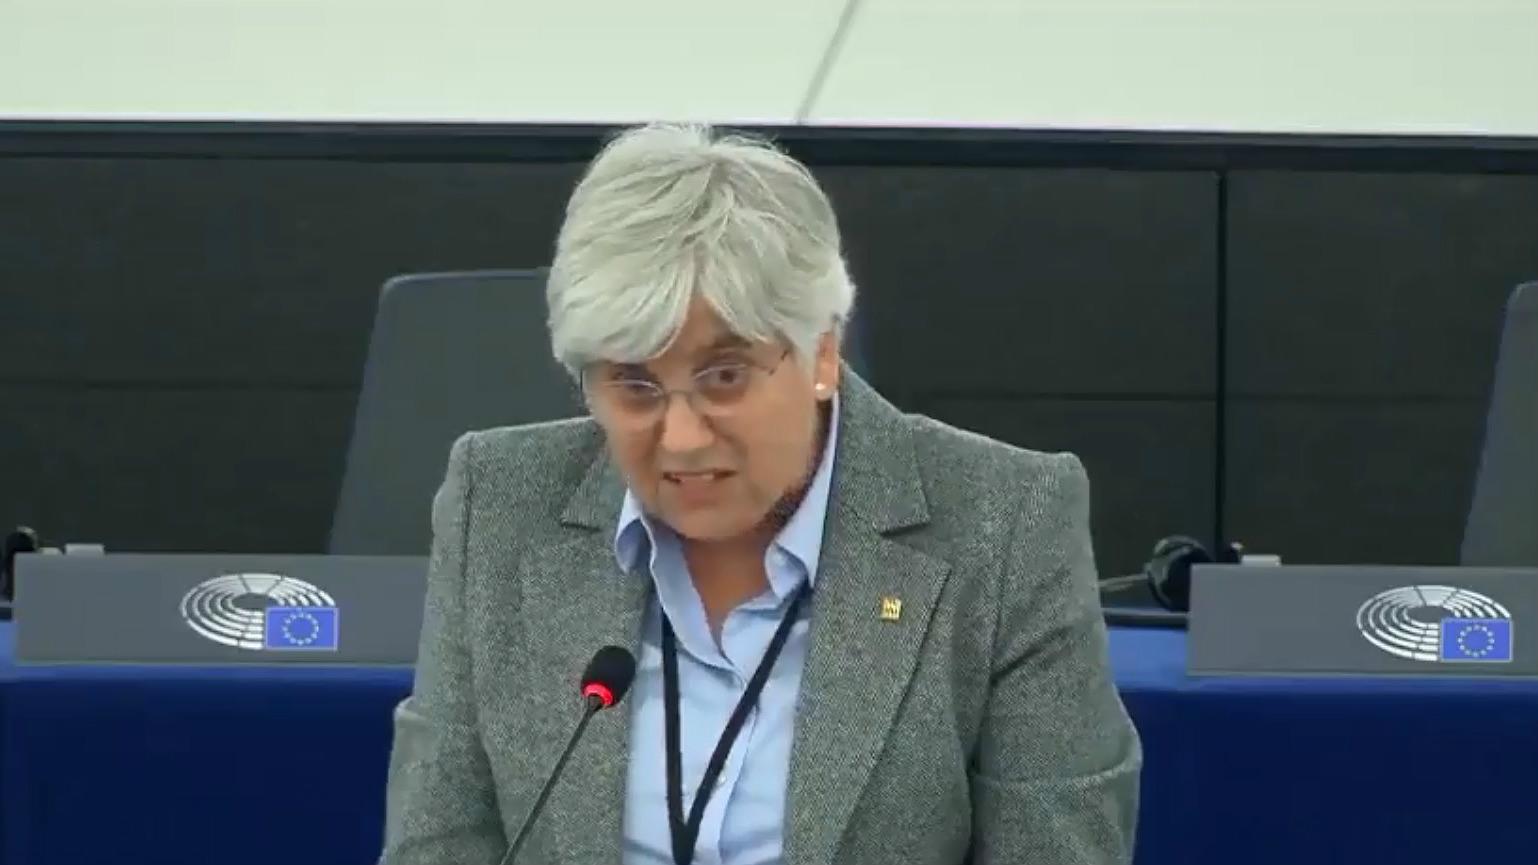 Estreno de Clara Ponsatí en el Parlamento Europeo, en el que asegura que España inspiró a Hitler